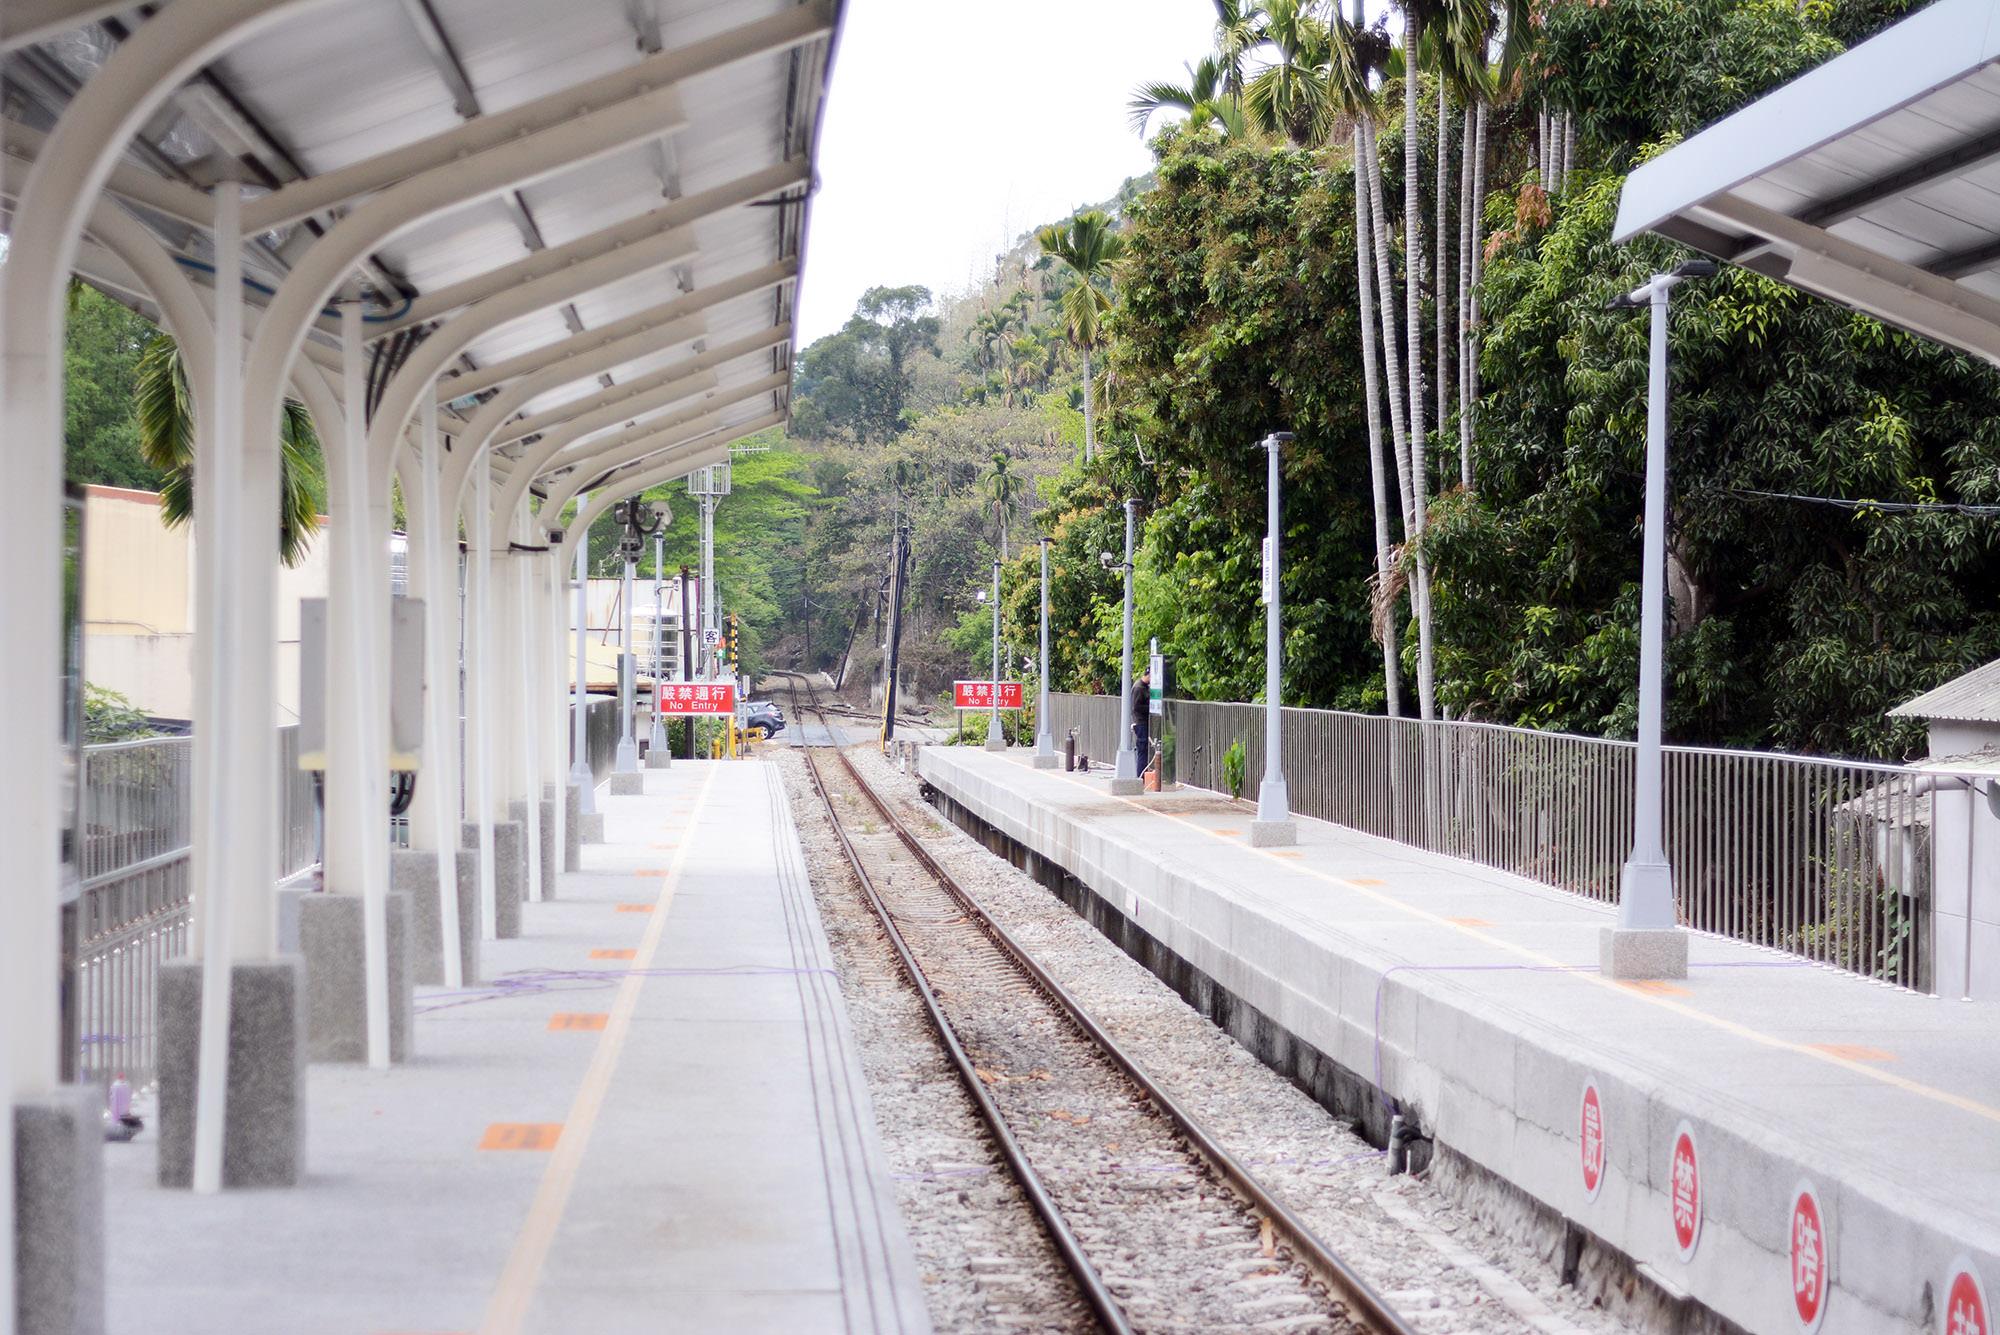 南投景點,集集鎮,集集線,小火車,龍泉車站,綠色隧道